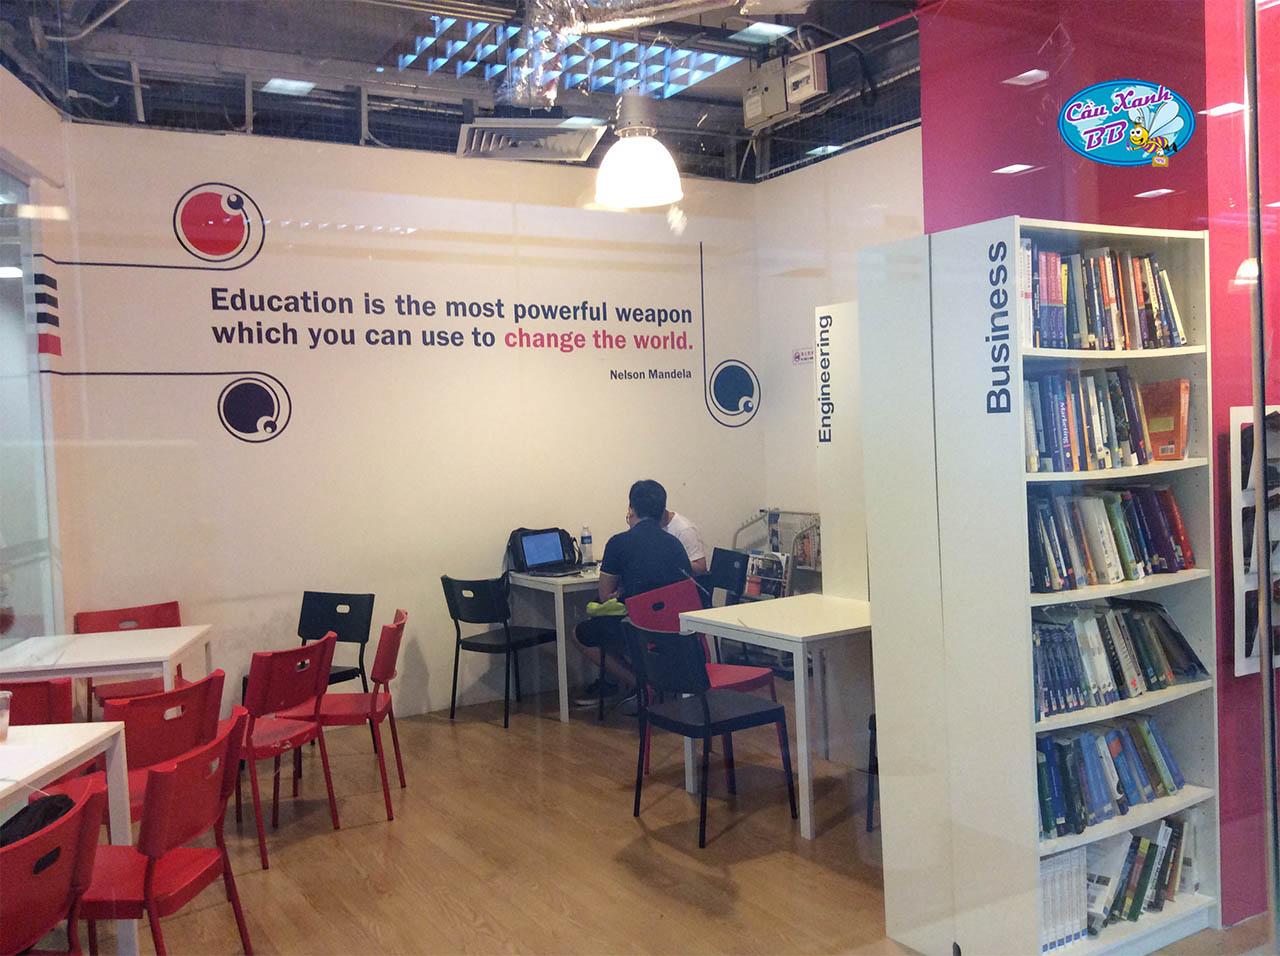 Du học Singapore, học bổng ưu đãi áp dụng từ 2021 tại Học viện Nanynang